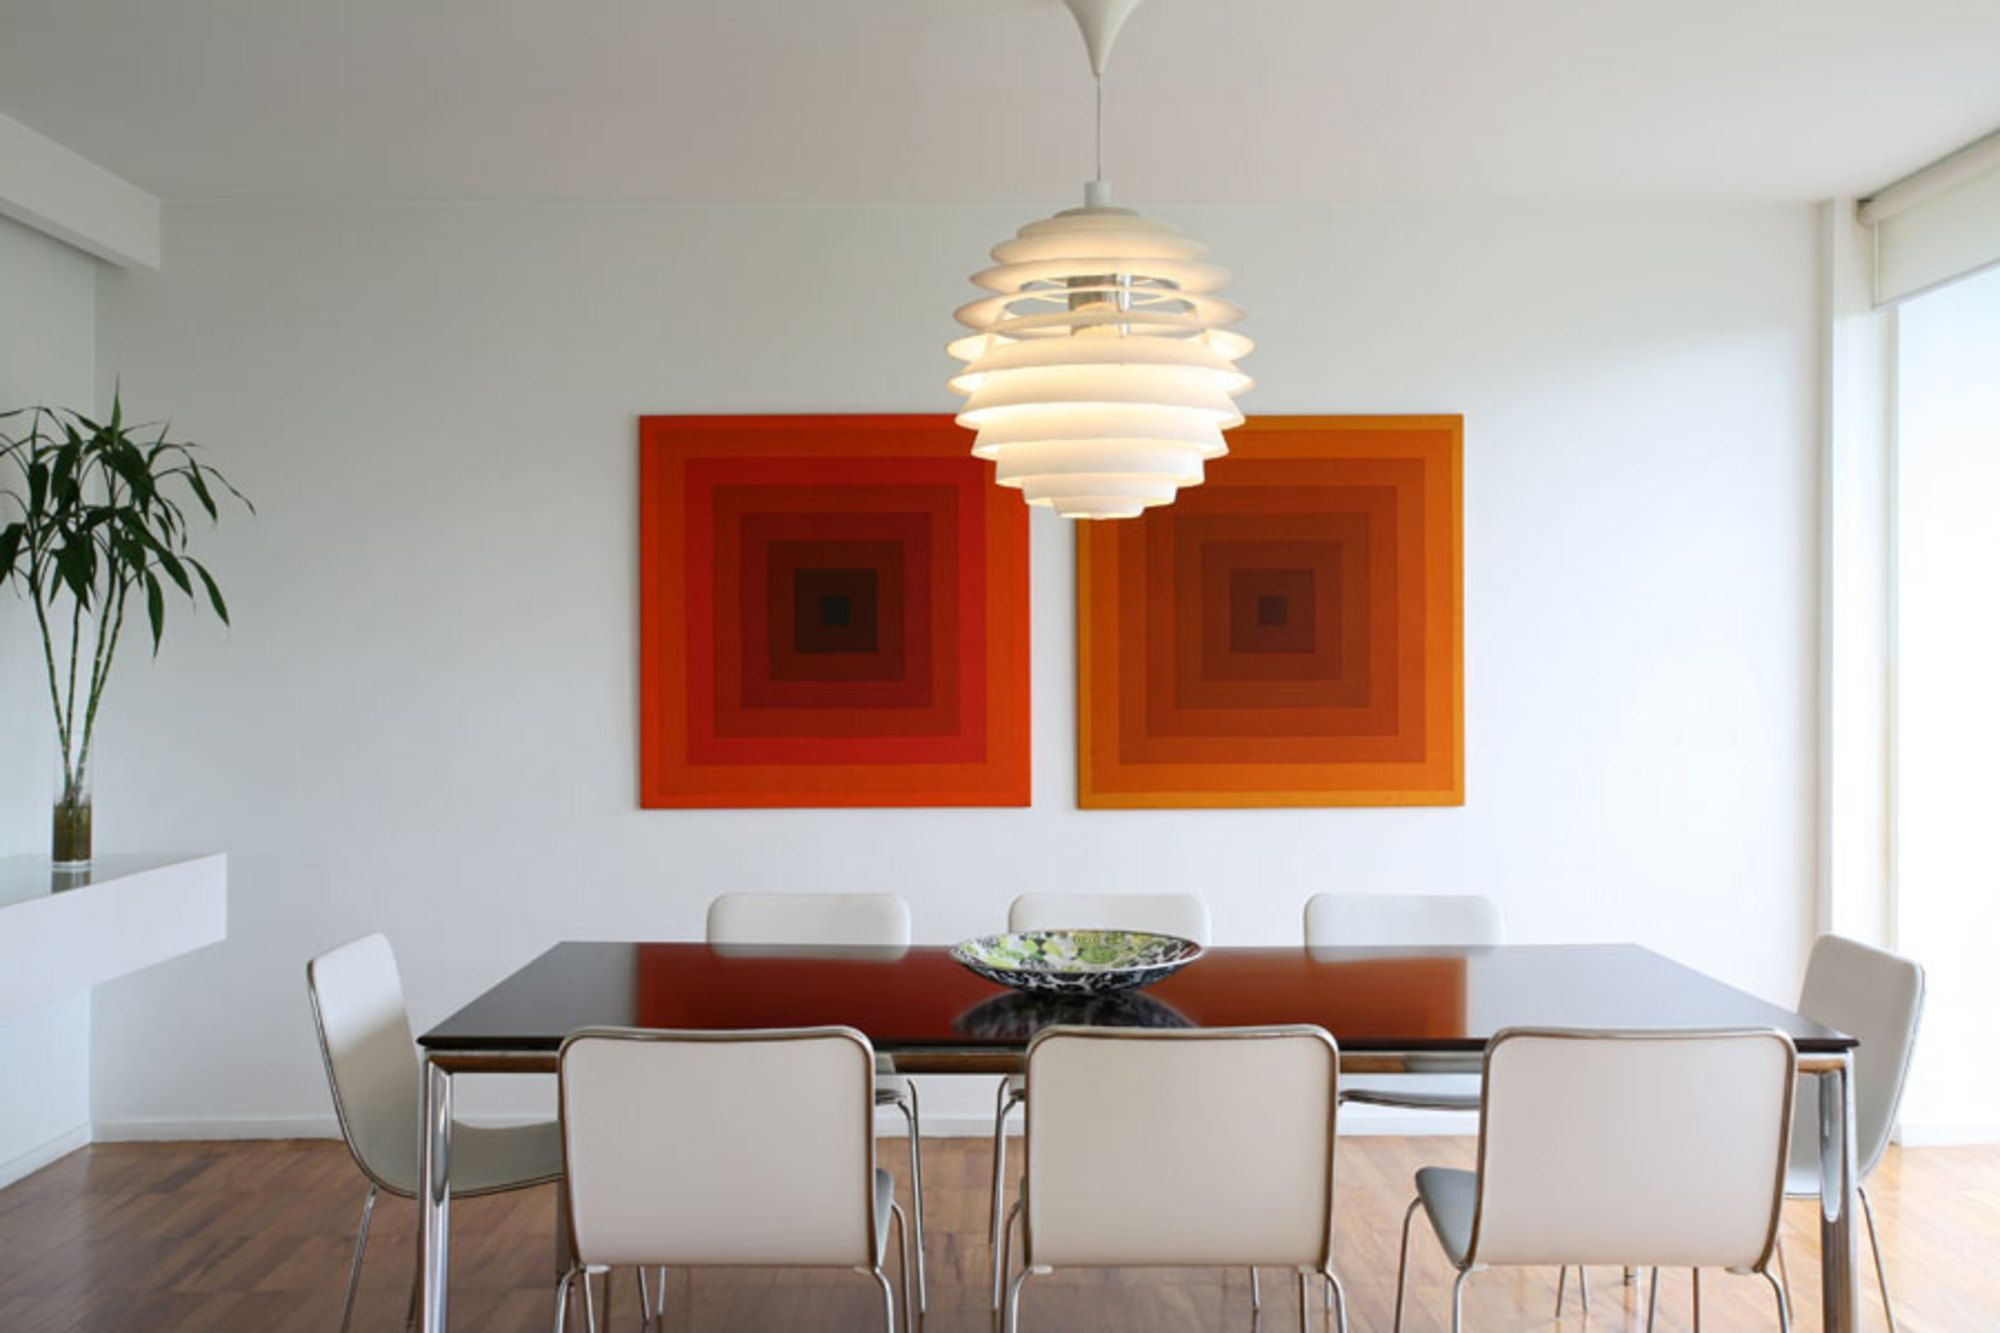 Apartamento Anos 70 Pesquisa Google Anos 70 Pinterest Anos  -> Lustre Para Sala De Apartamento